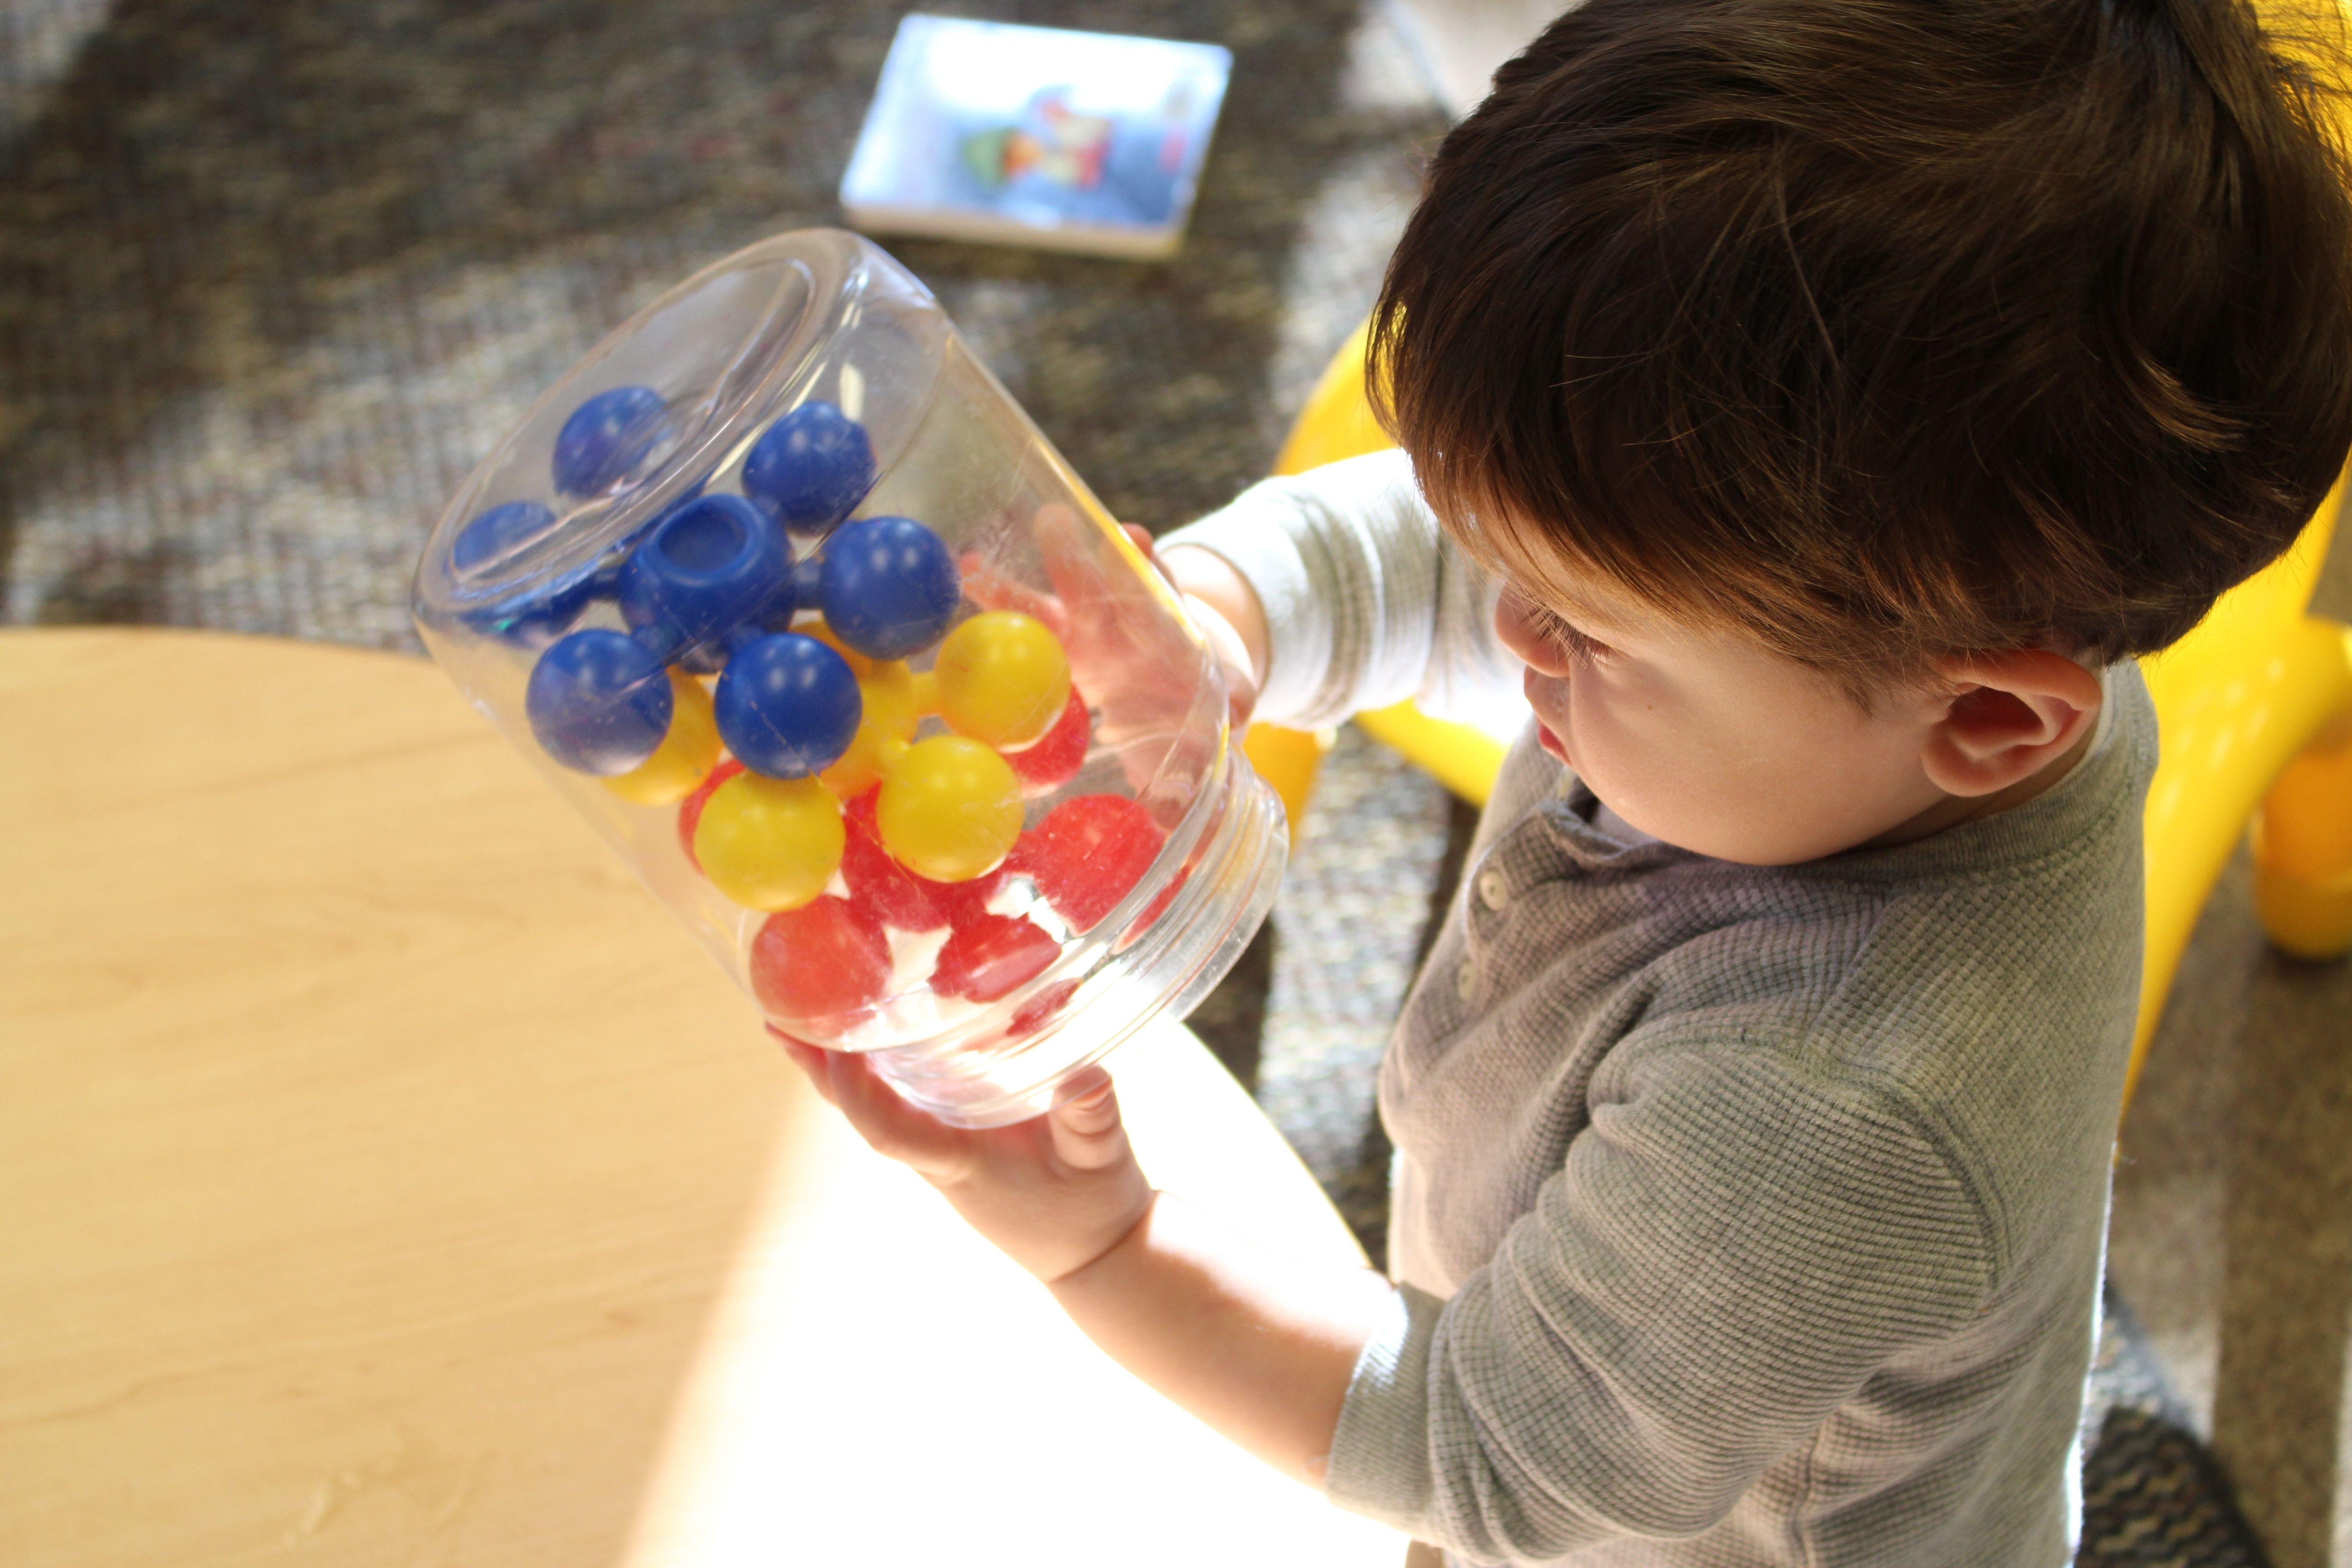 Older infant learning colors